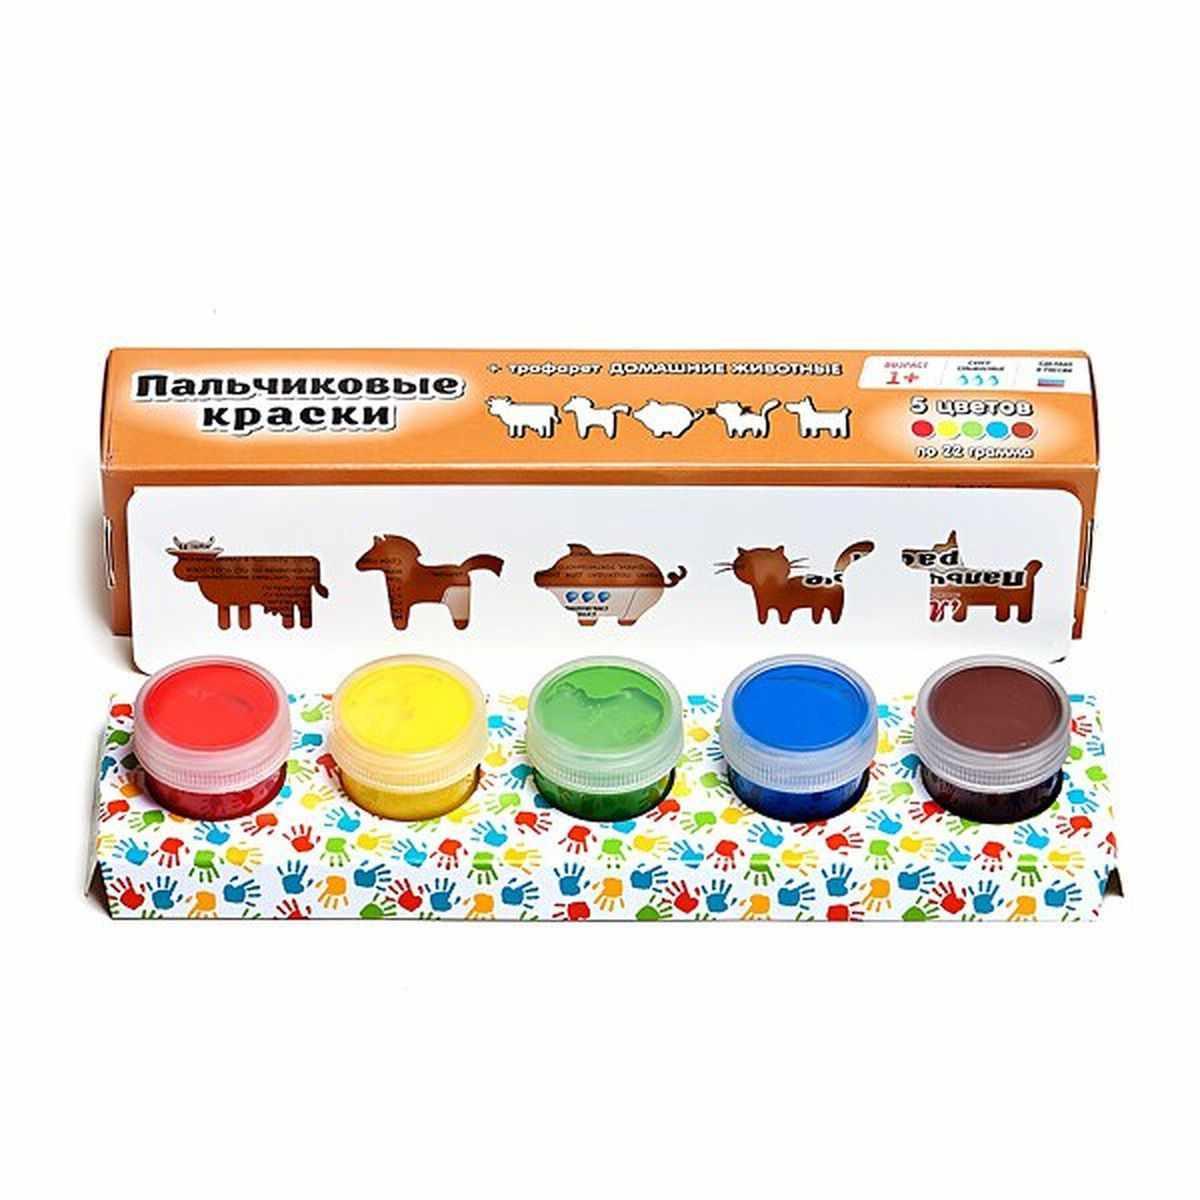 FP-06 Пальчиковые краски + трафарет Домашние животные